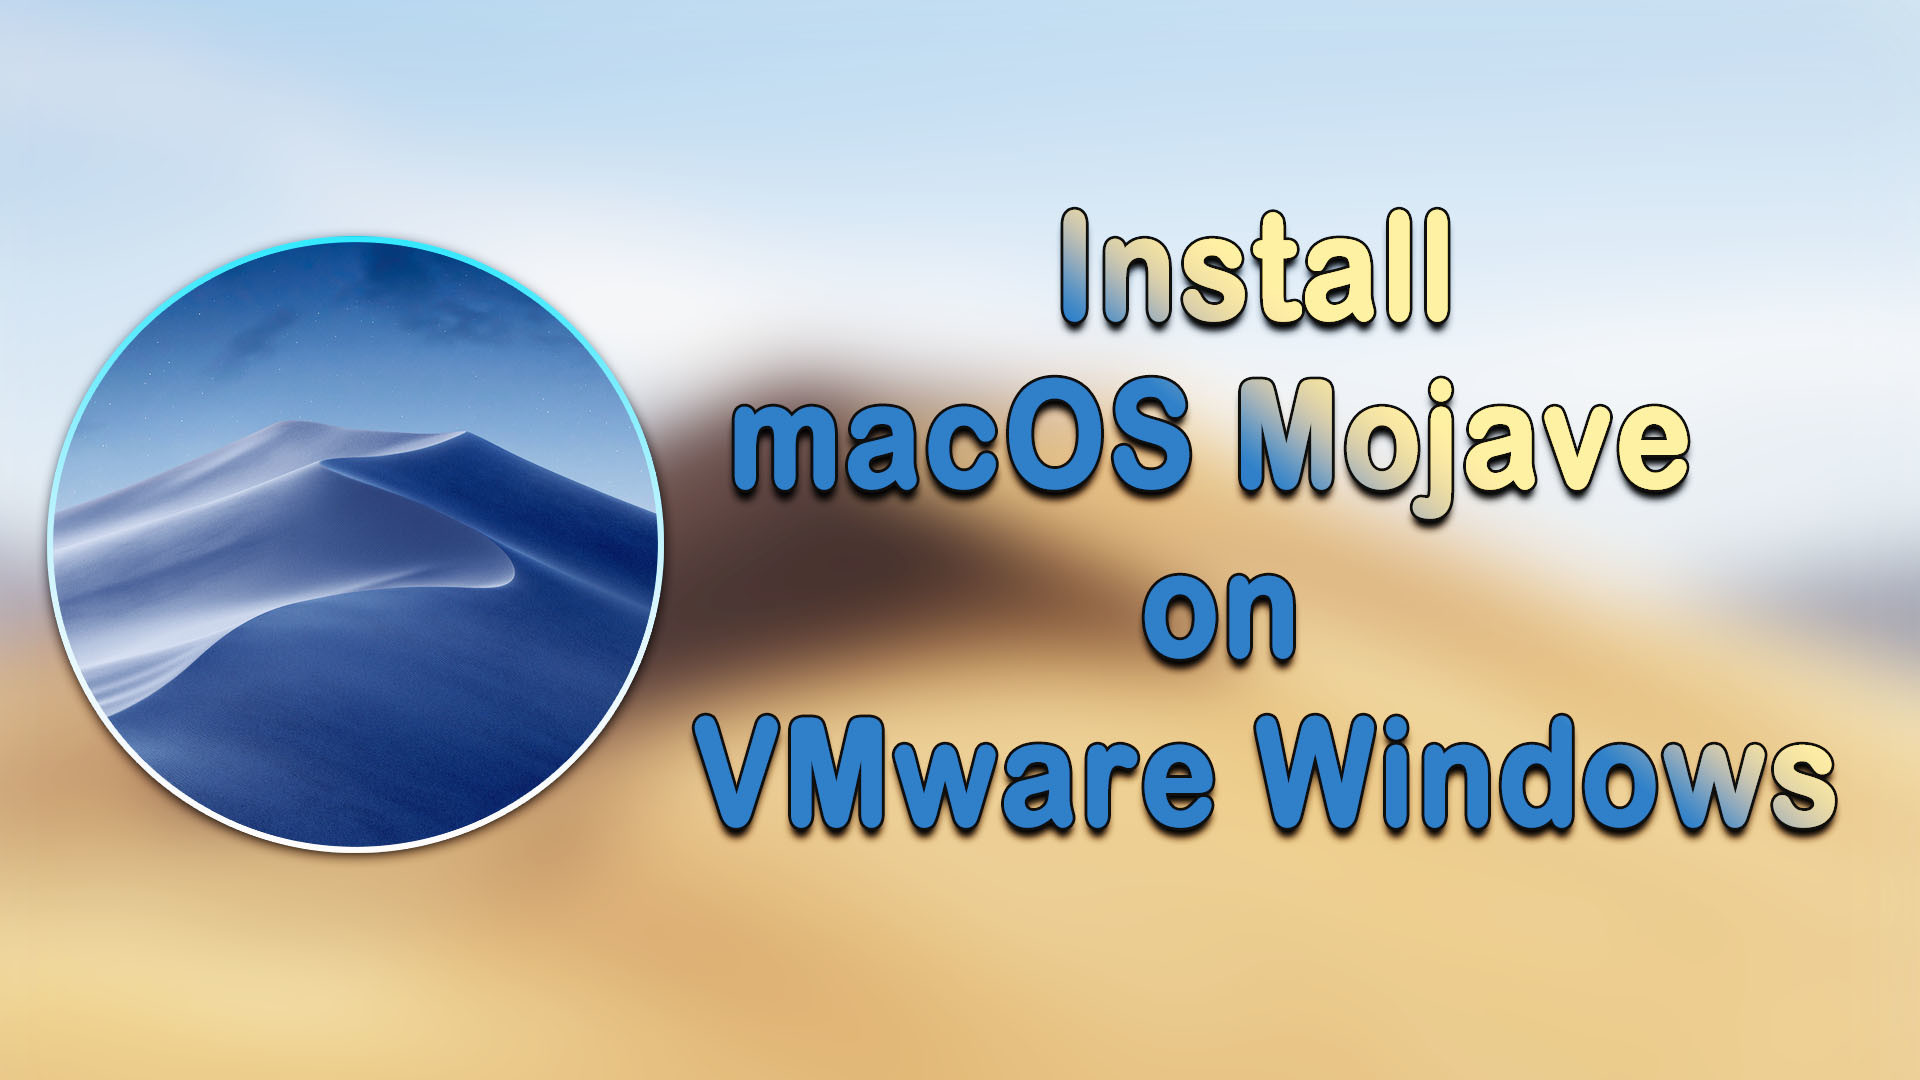 mac os vmware 10.14